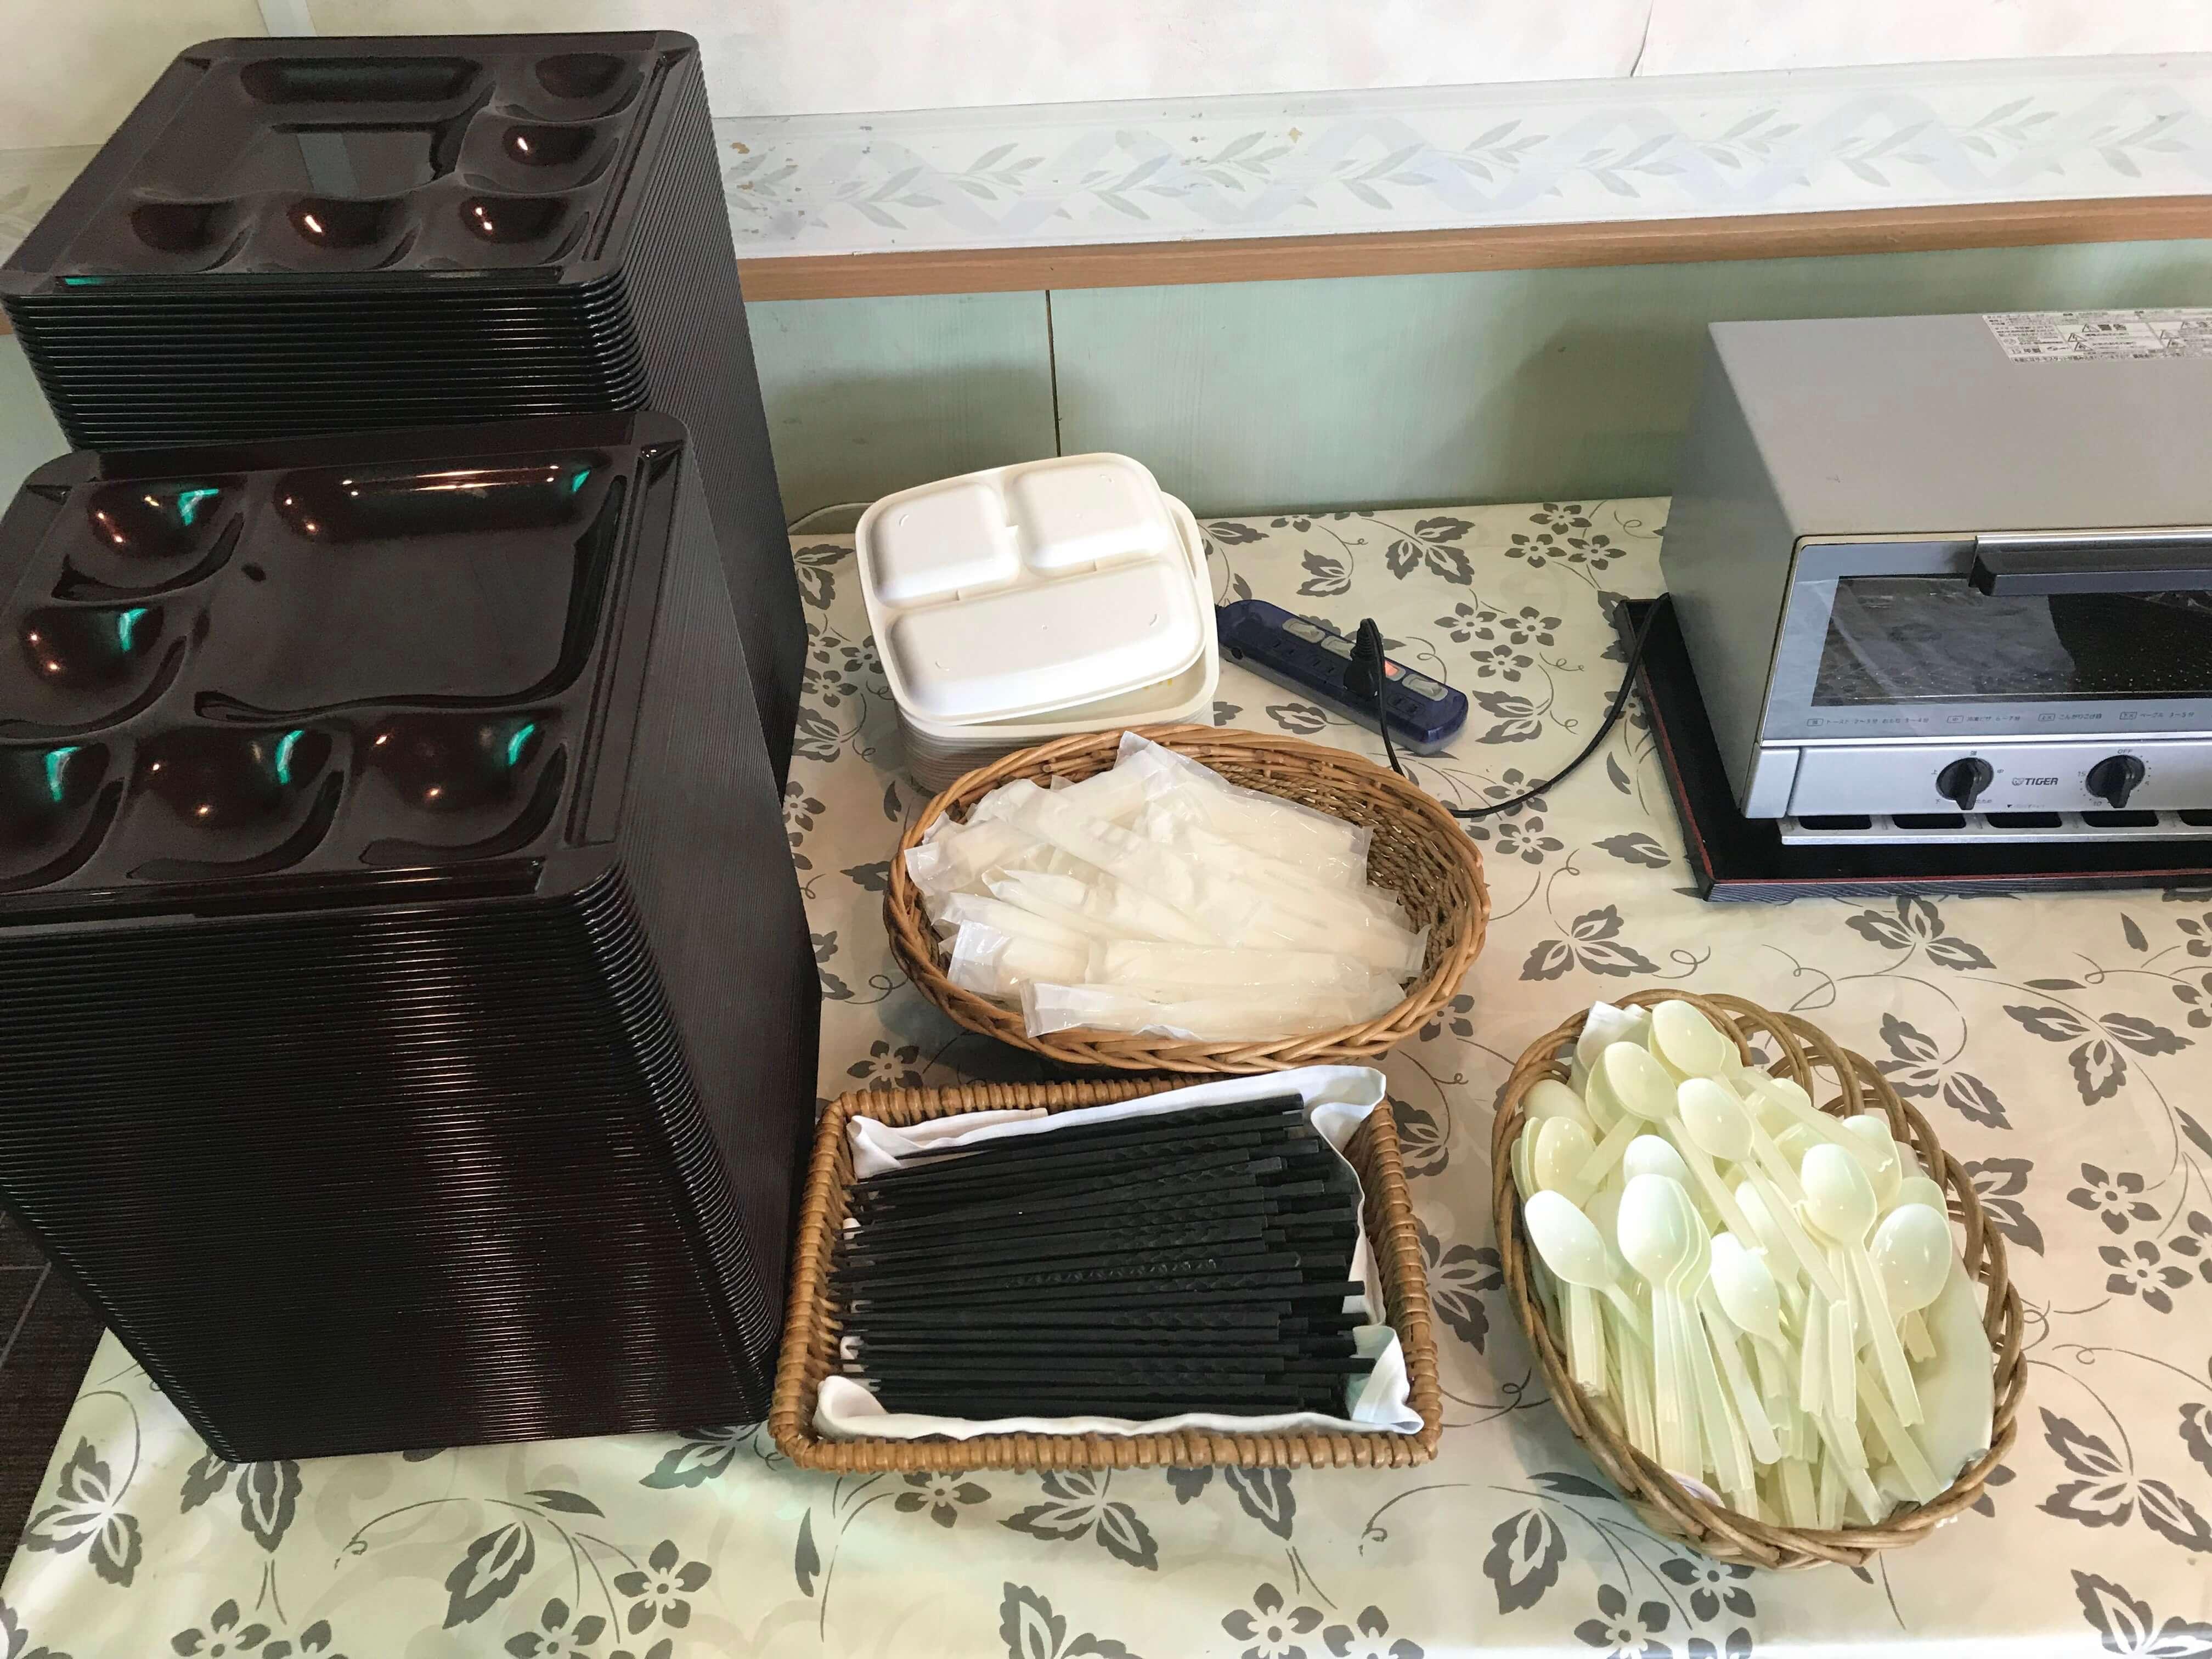 リゾートバイトで食器を並べるのを説明した画像